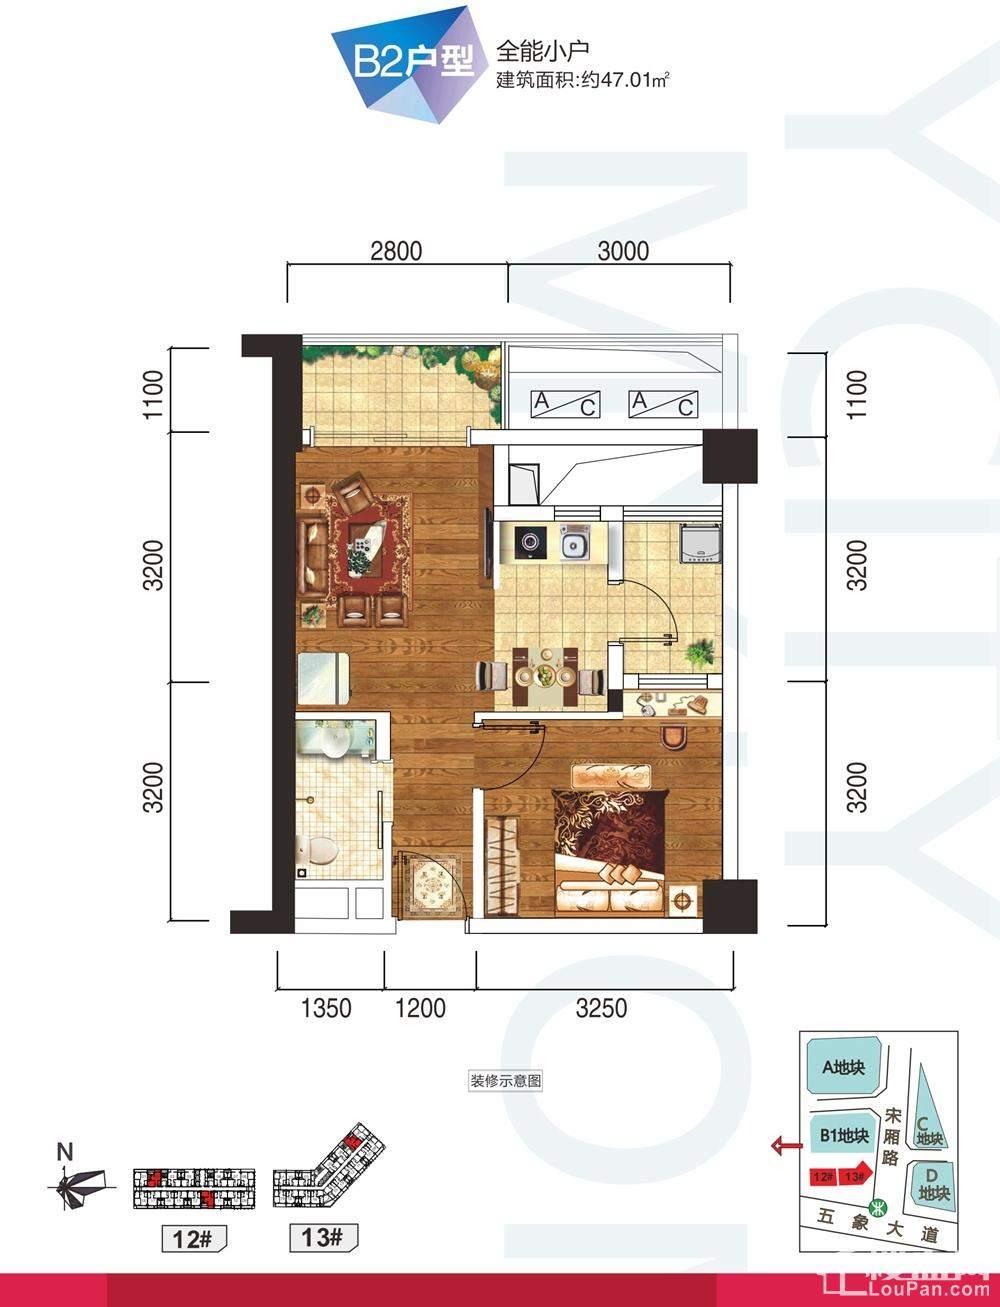 云星钱隆首府公寓12#/13#B2户型